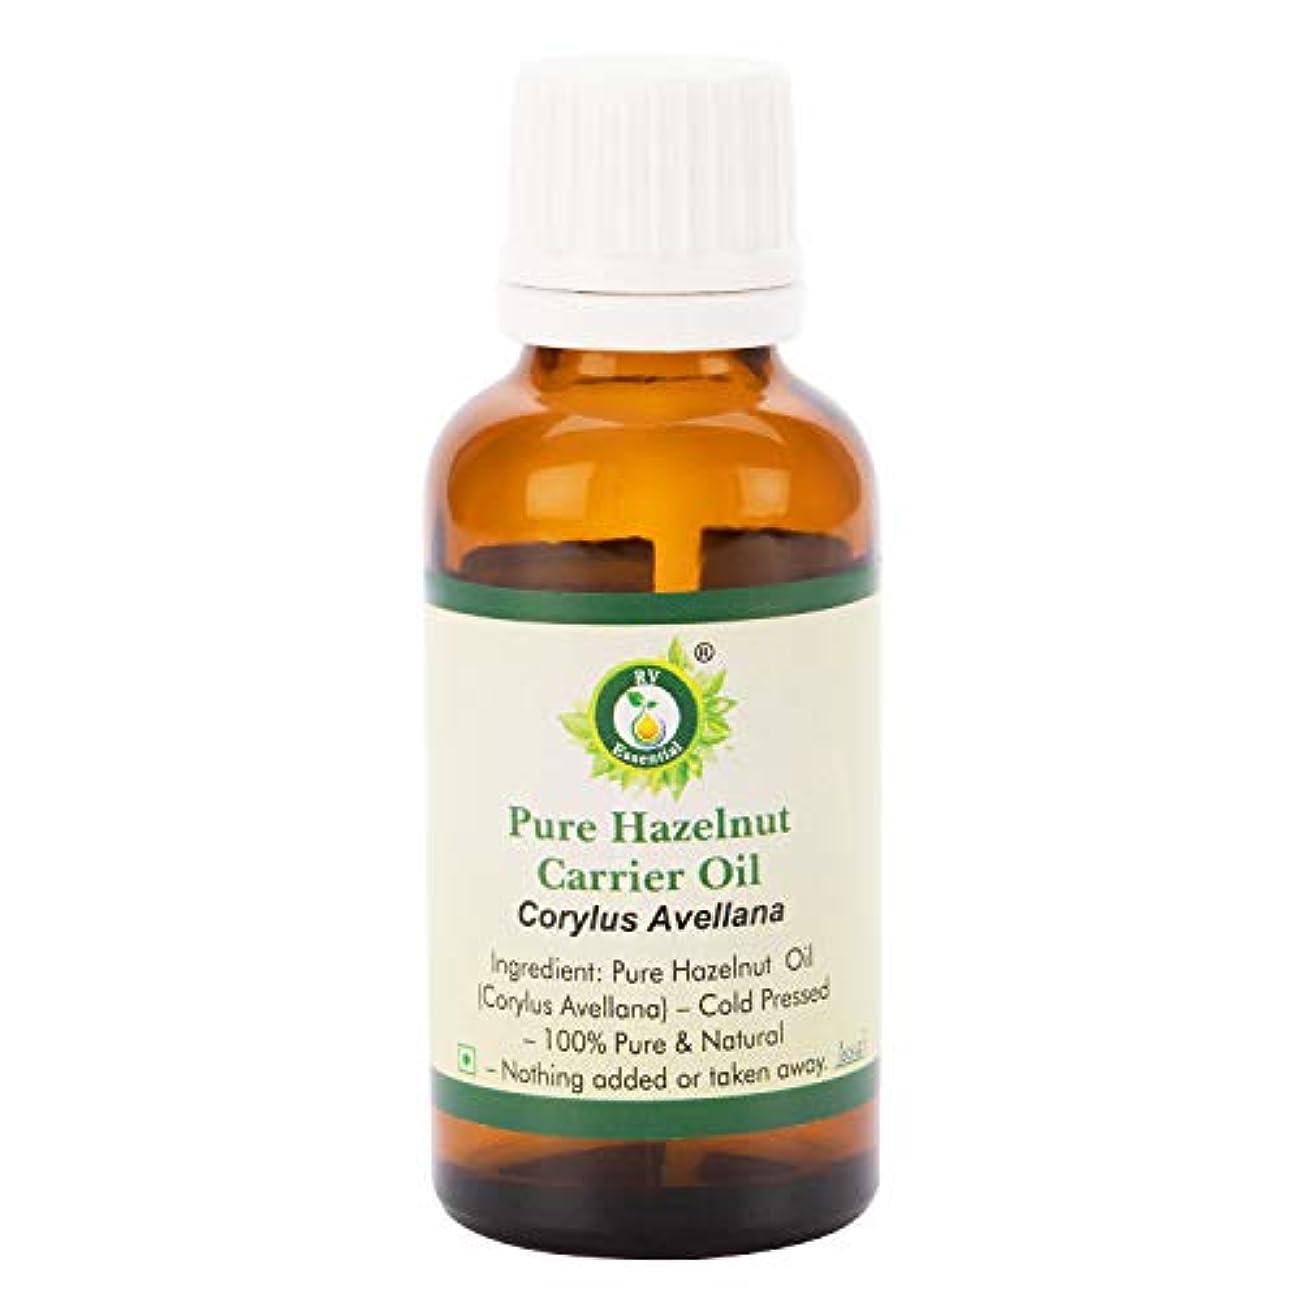 等しい窒息させる臭いピュアヘーゼルナッツキャリアオイル5ml (0.169oz)- Corylus Avellana (100%ピュア&ナチュラルコールドPressed) Pure Hazelnut Carrier Oil